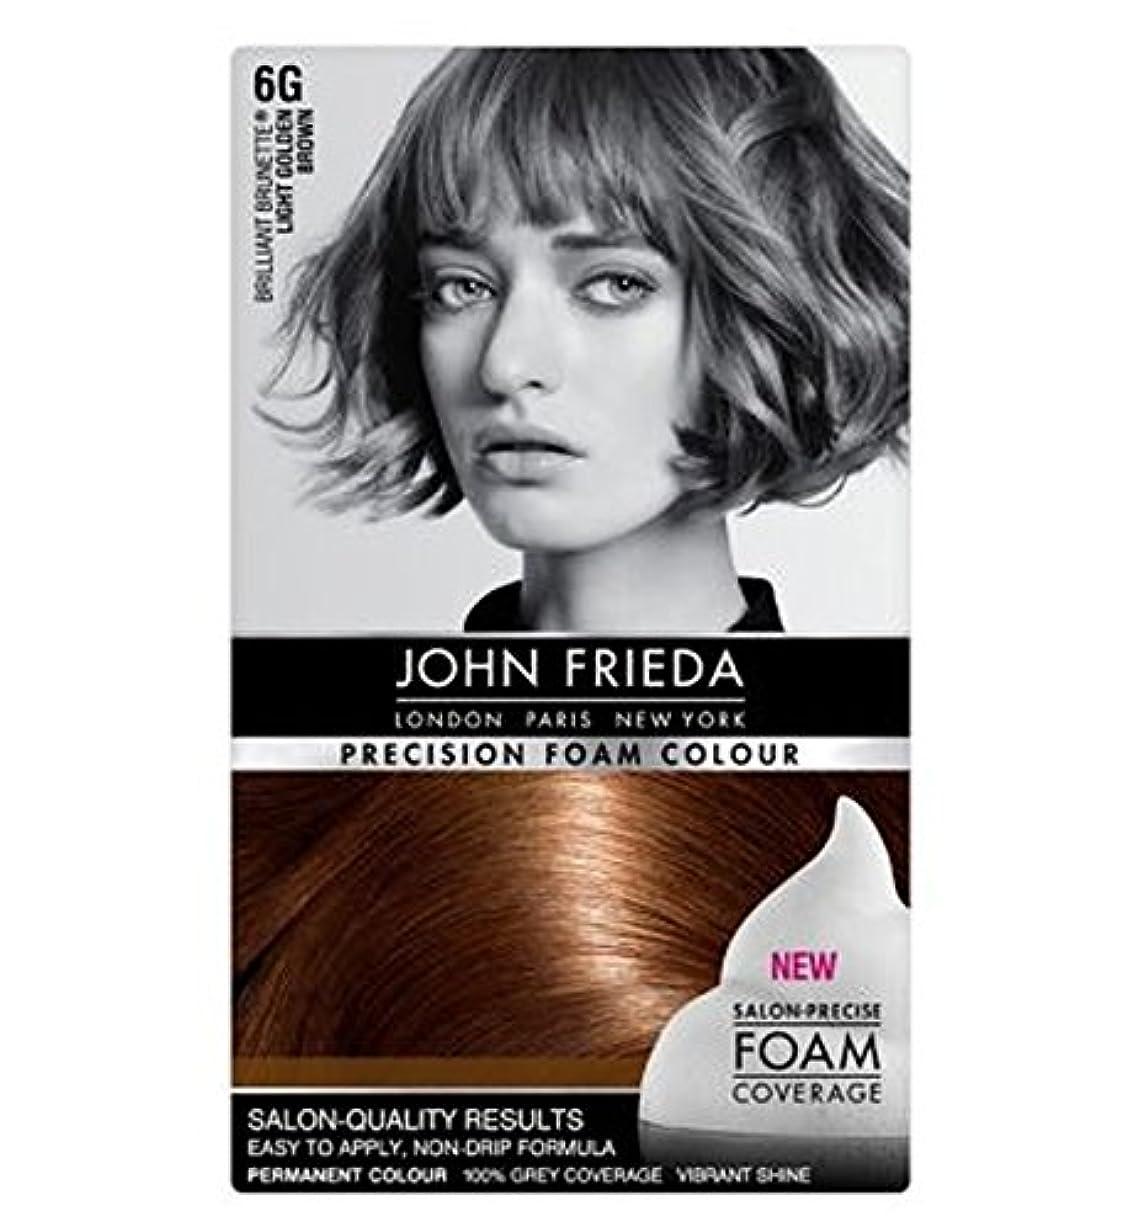 対話装置キウイジョン?フリーダ精密泡カラー6グラムライトゴールデンブラウン (John Frieda) (x2) - John Frieda Precision Foam Colour 6G Light Golden Brown (Pack...